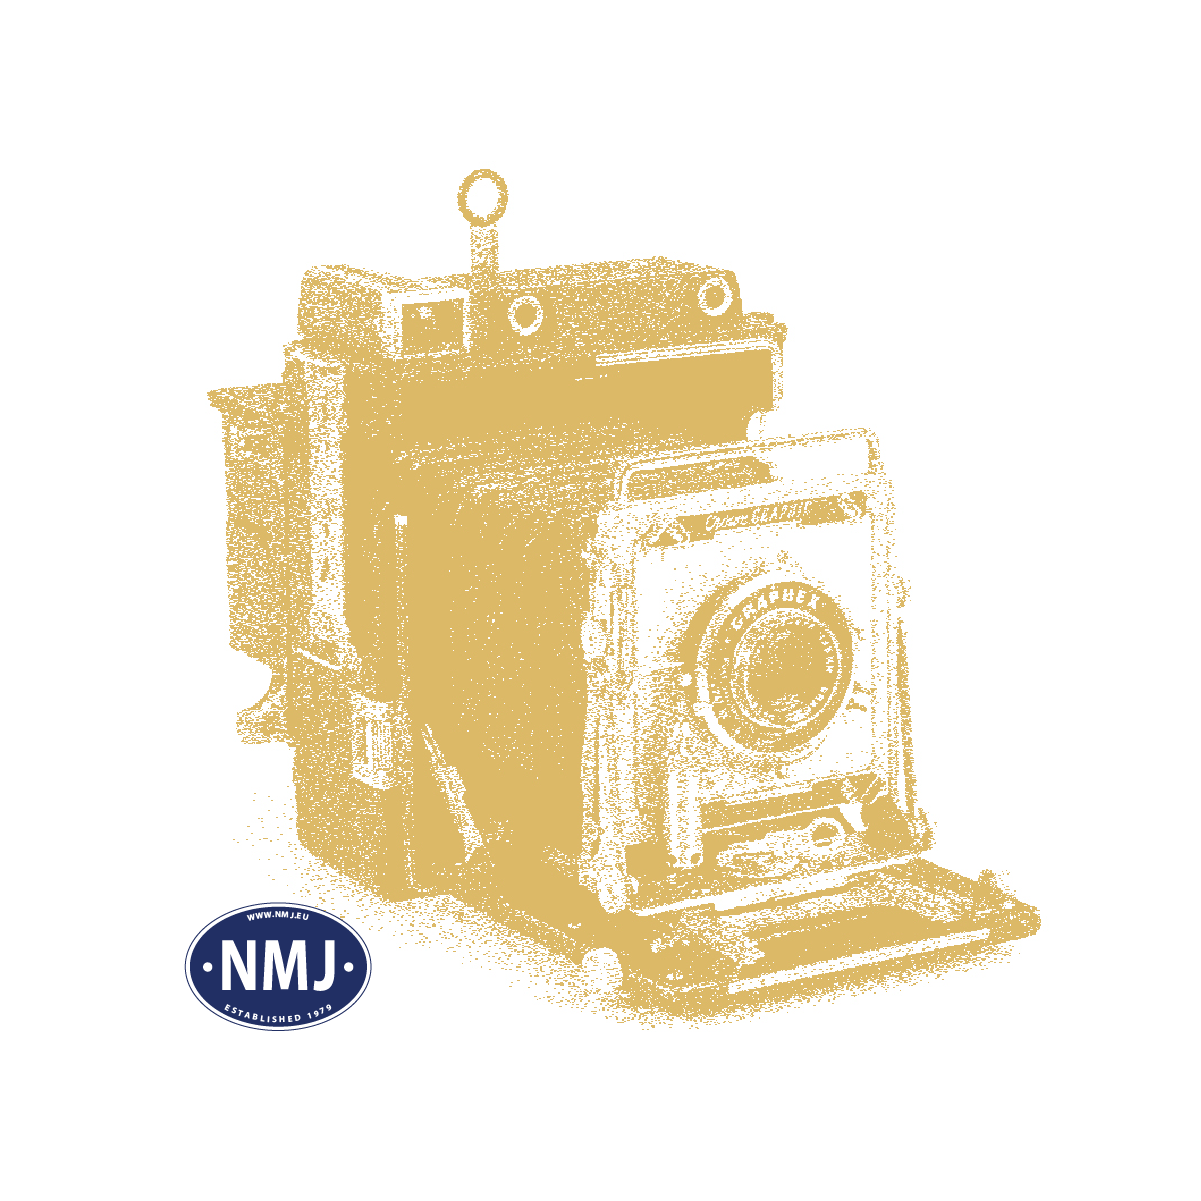 NMJT90021 - NMJ Topline OBAS Di3.632, DCC m/ Lyd